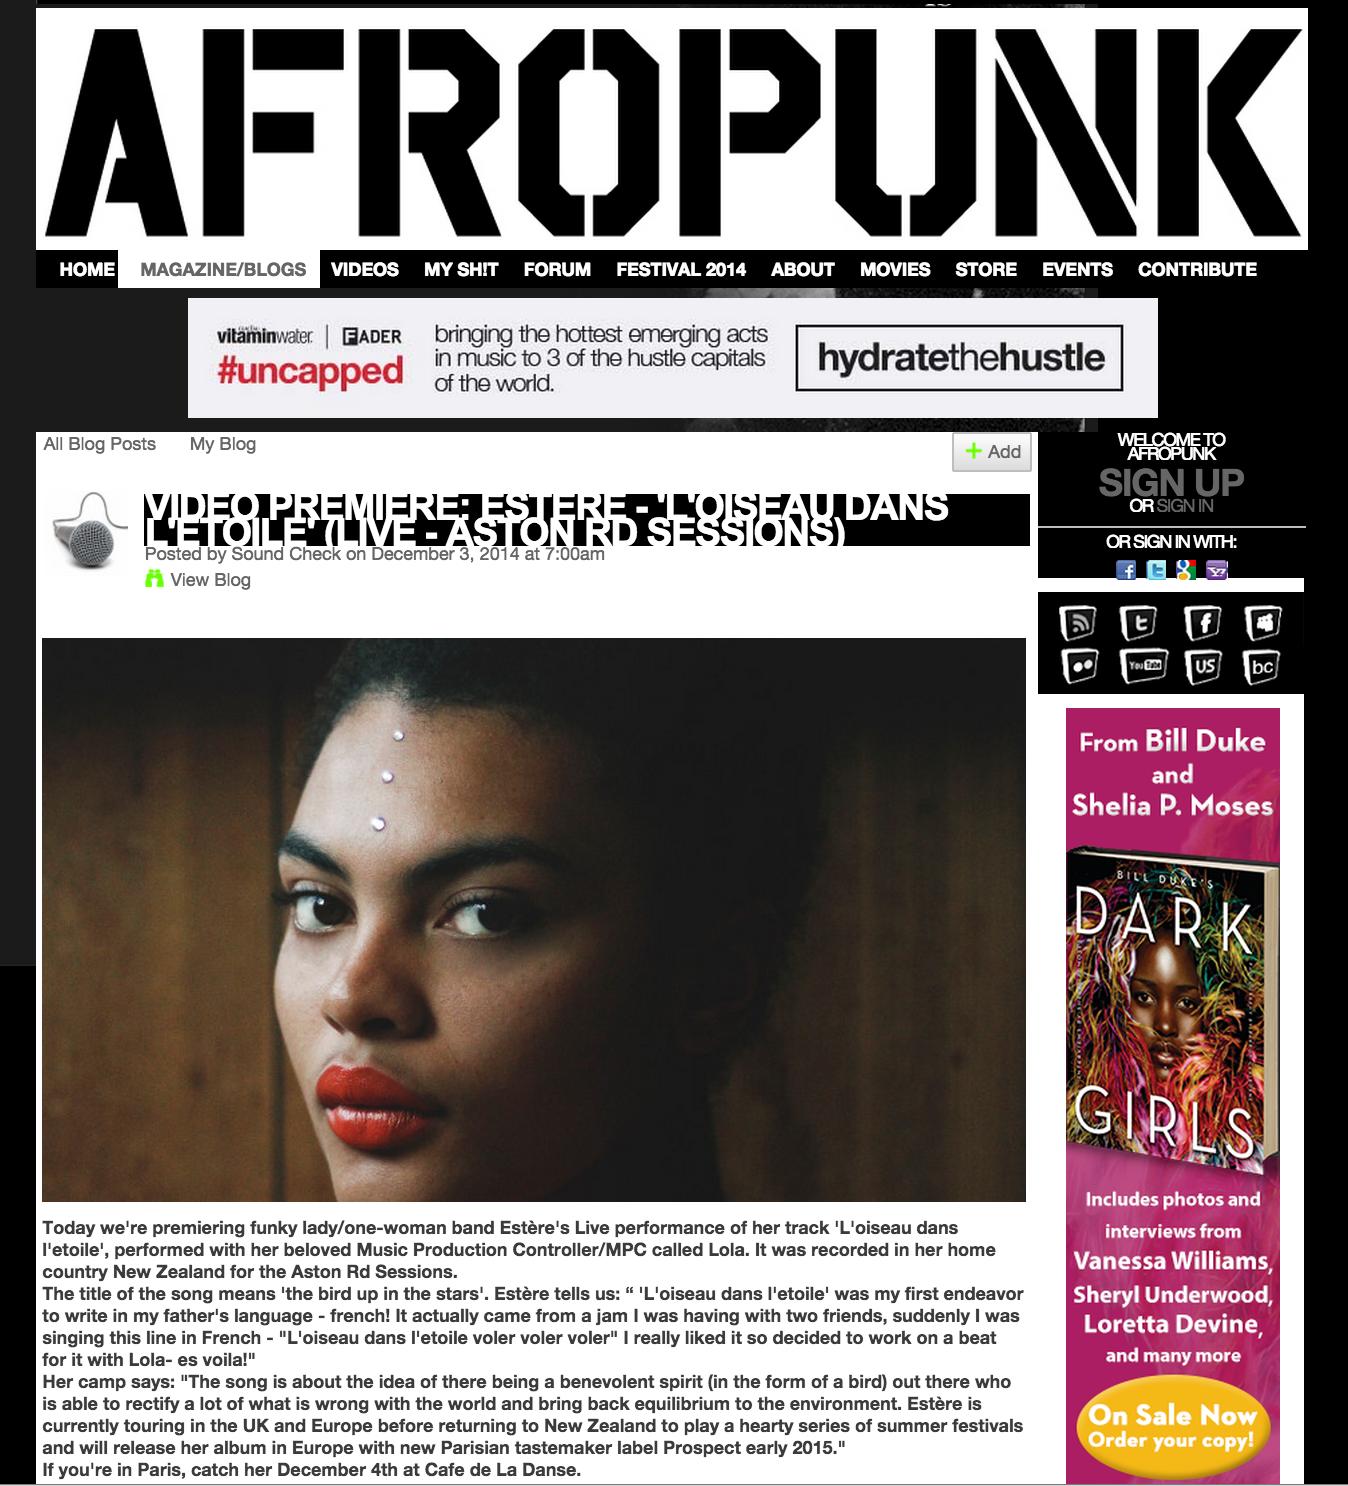 """AFROPUNK premiered our video of Estère 's final Aston Road Sessions (live) performance of """"L'oiseau dans l'etoile"""""""